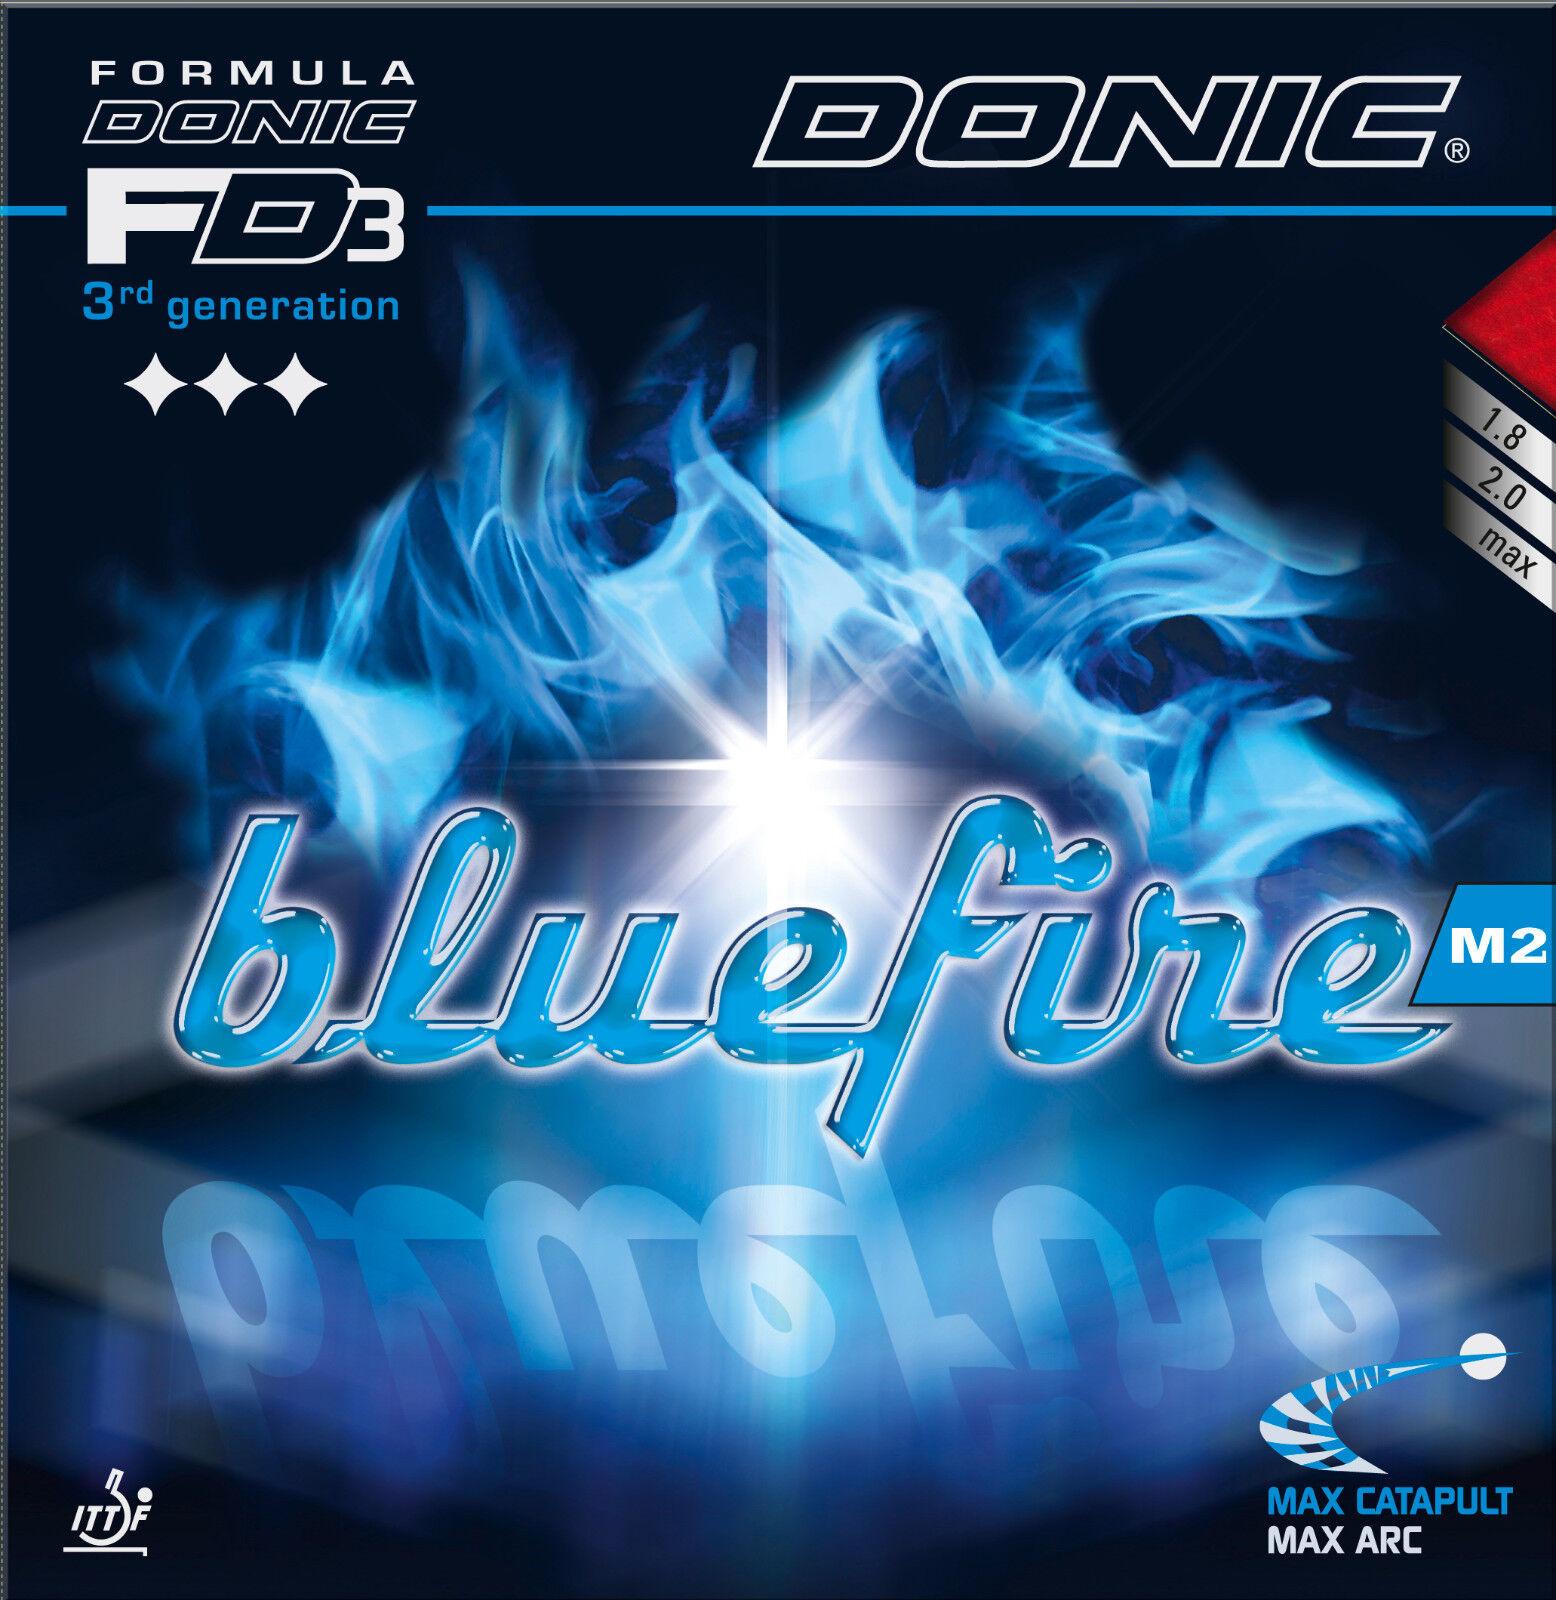 DONIC Blaufire M2 max max max schwarz  NEU   OVP  | Verschiedene Stile und Stile  | Leicht zu reinigende Oberfläche  | Spielen Sie Leidenschaft, spielen Sie die Ernte, spielen Sie die Welt  103a46